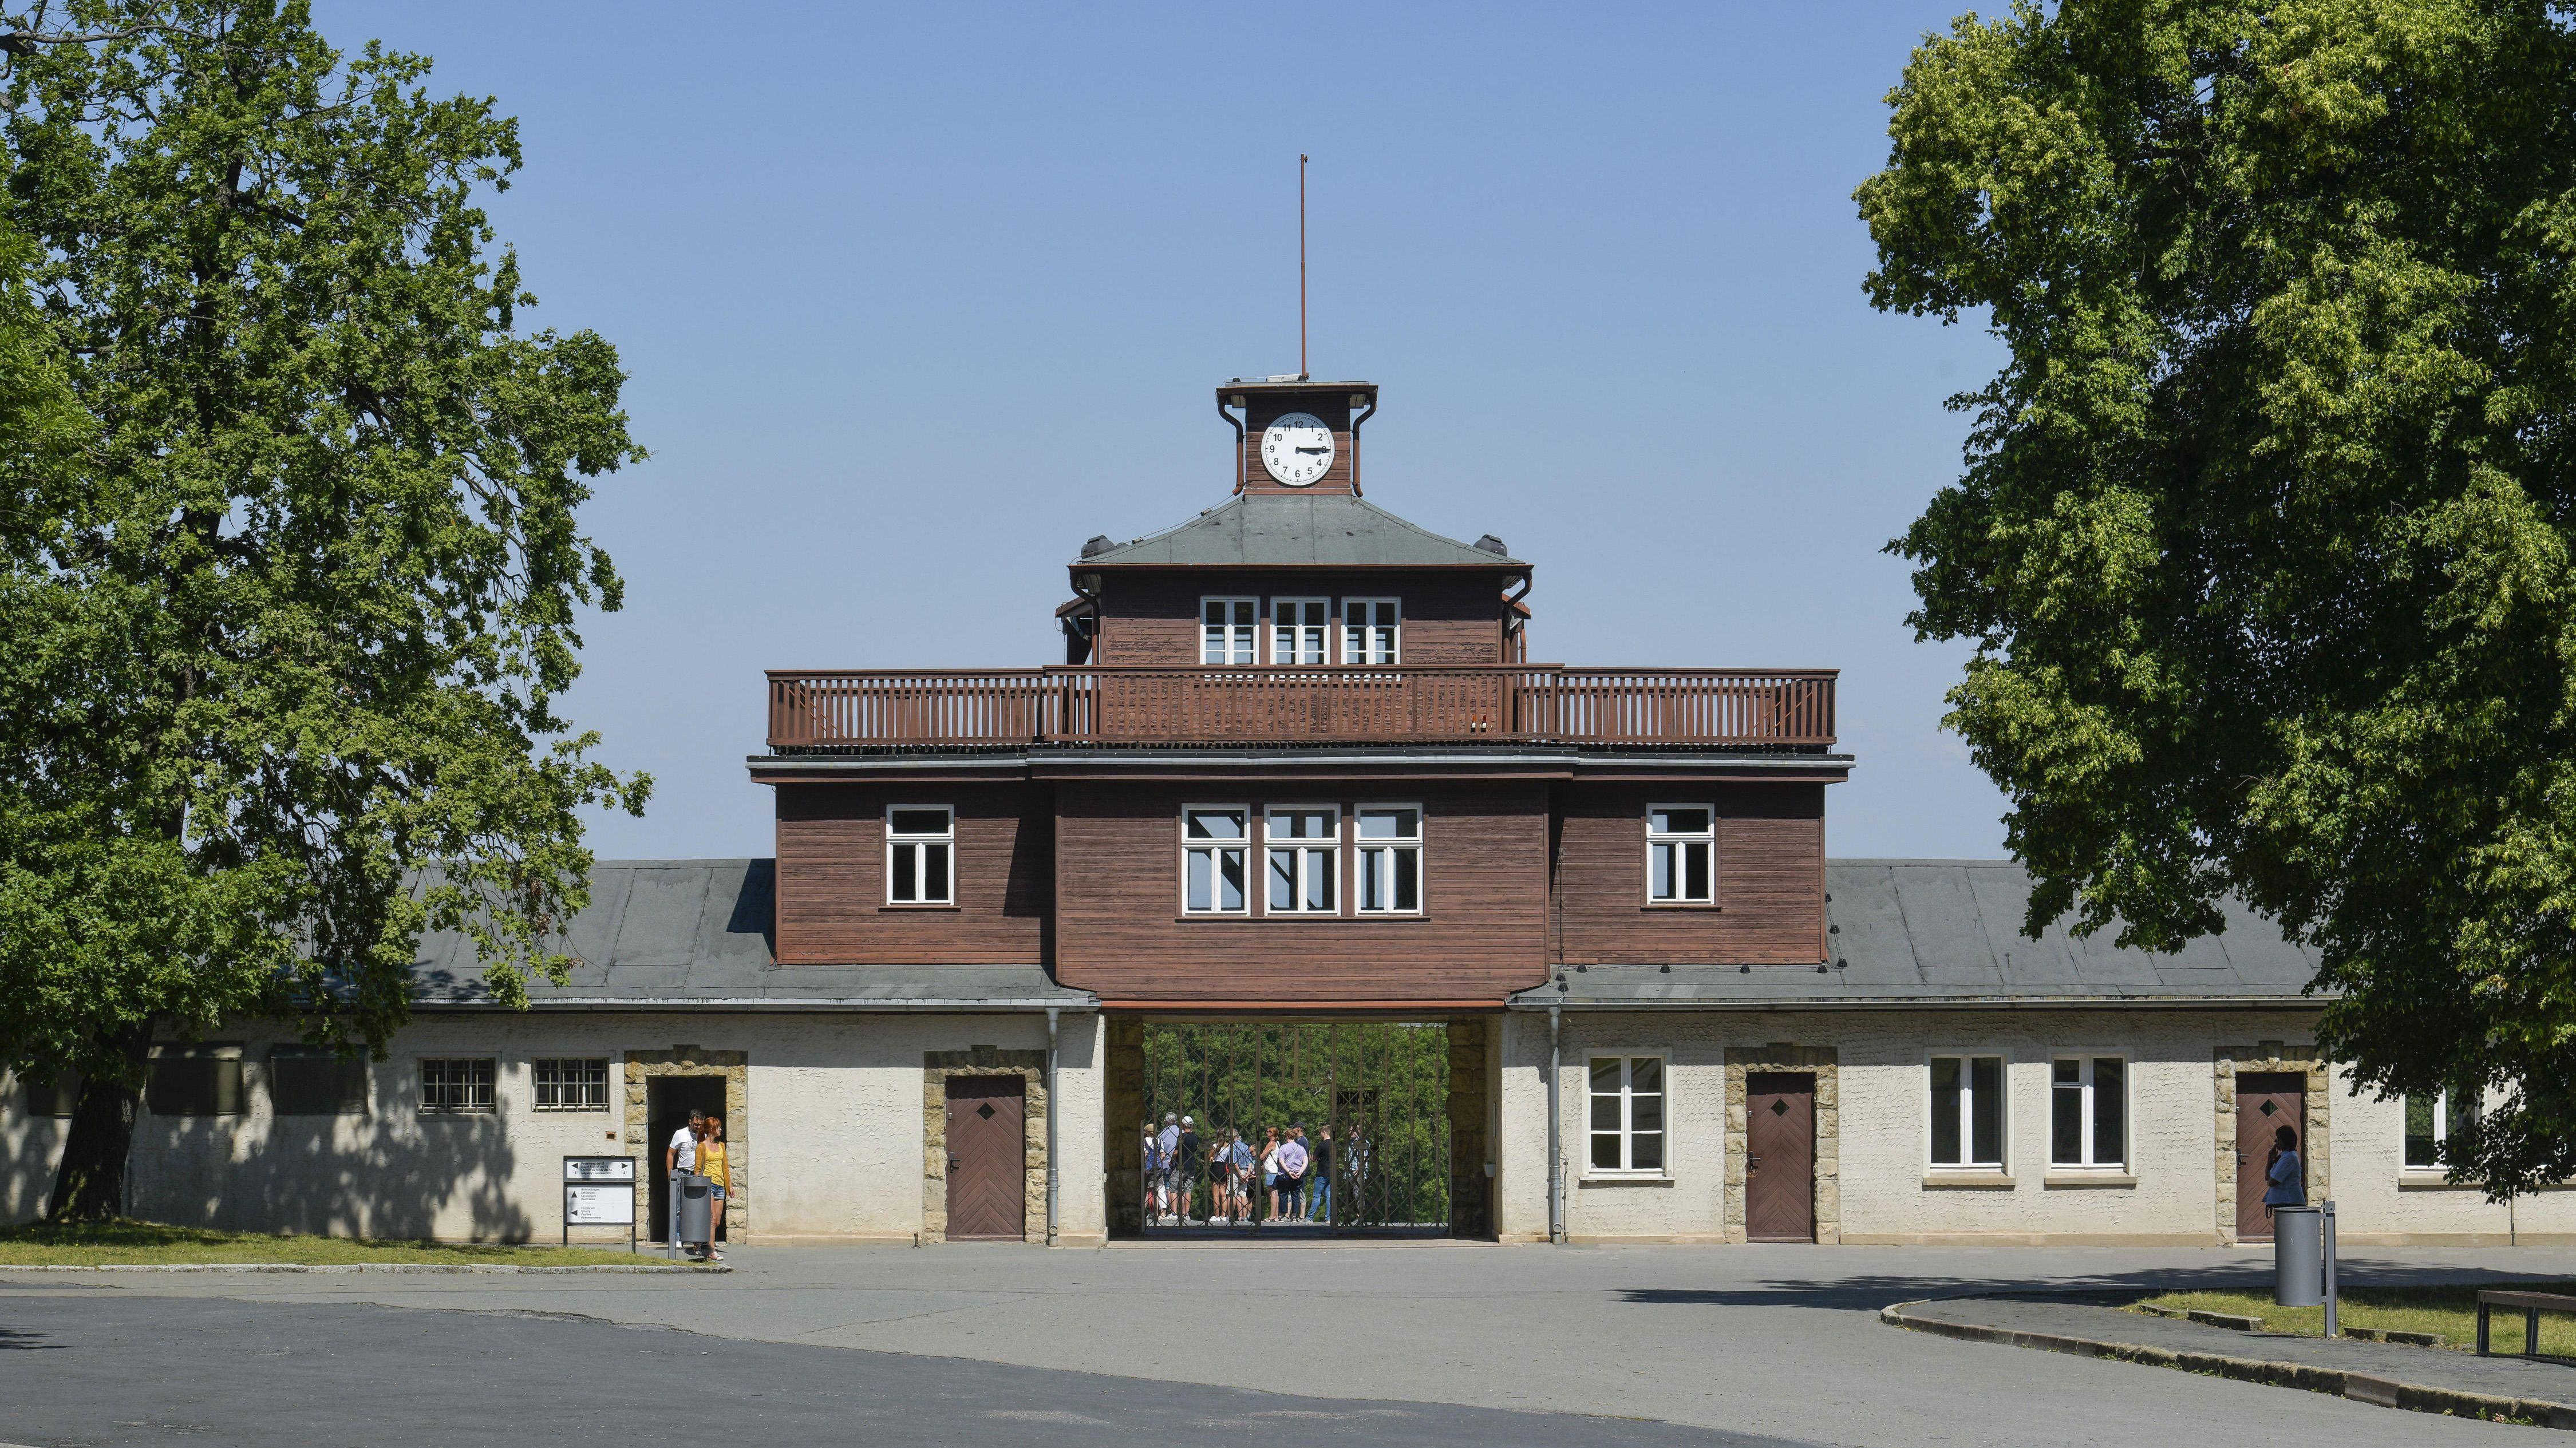 Das Tor zur Gedenkstätte KZ Buchenwald in Thüringen.